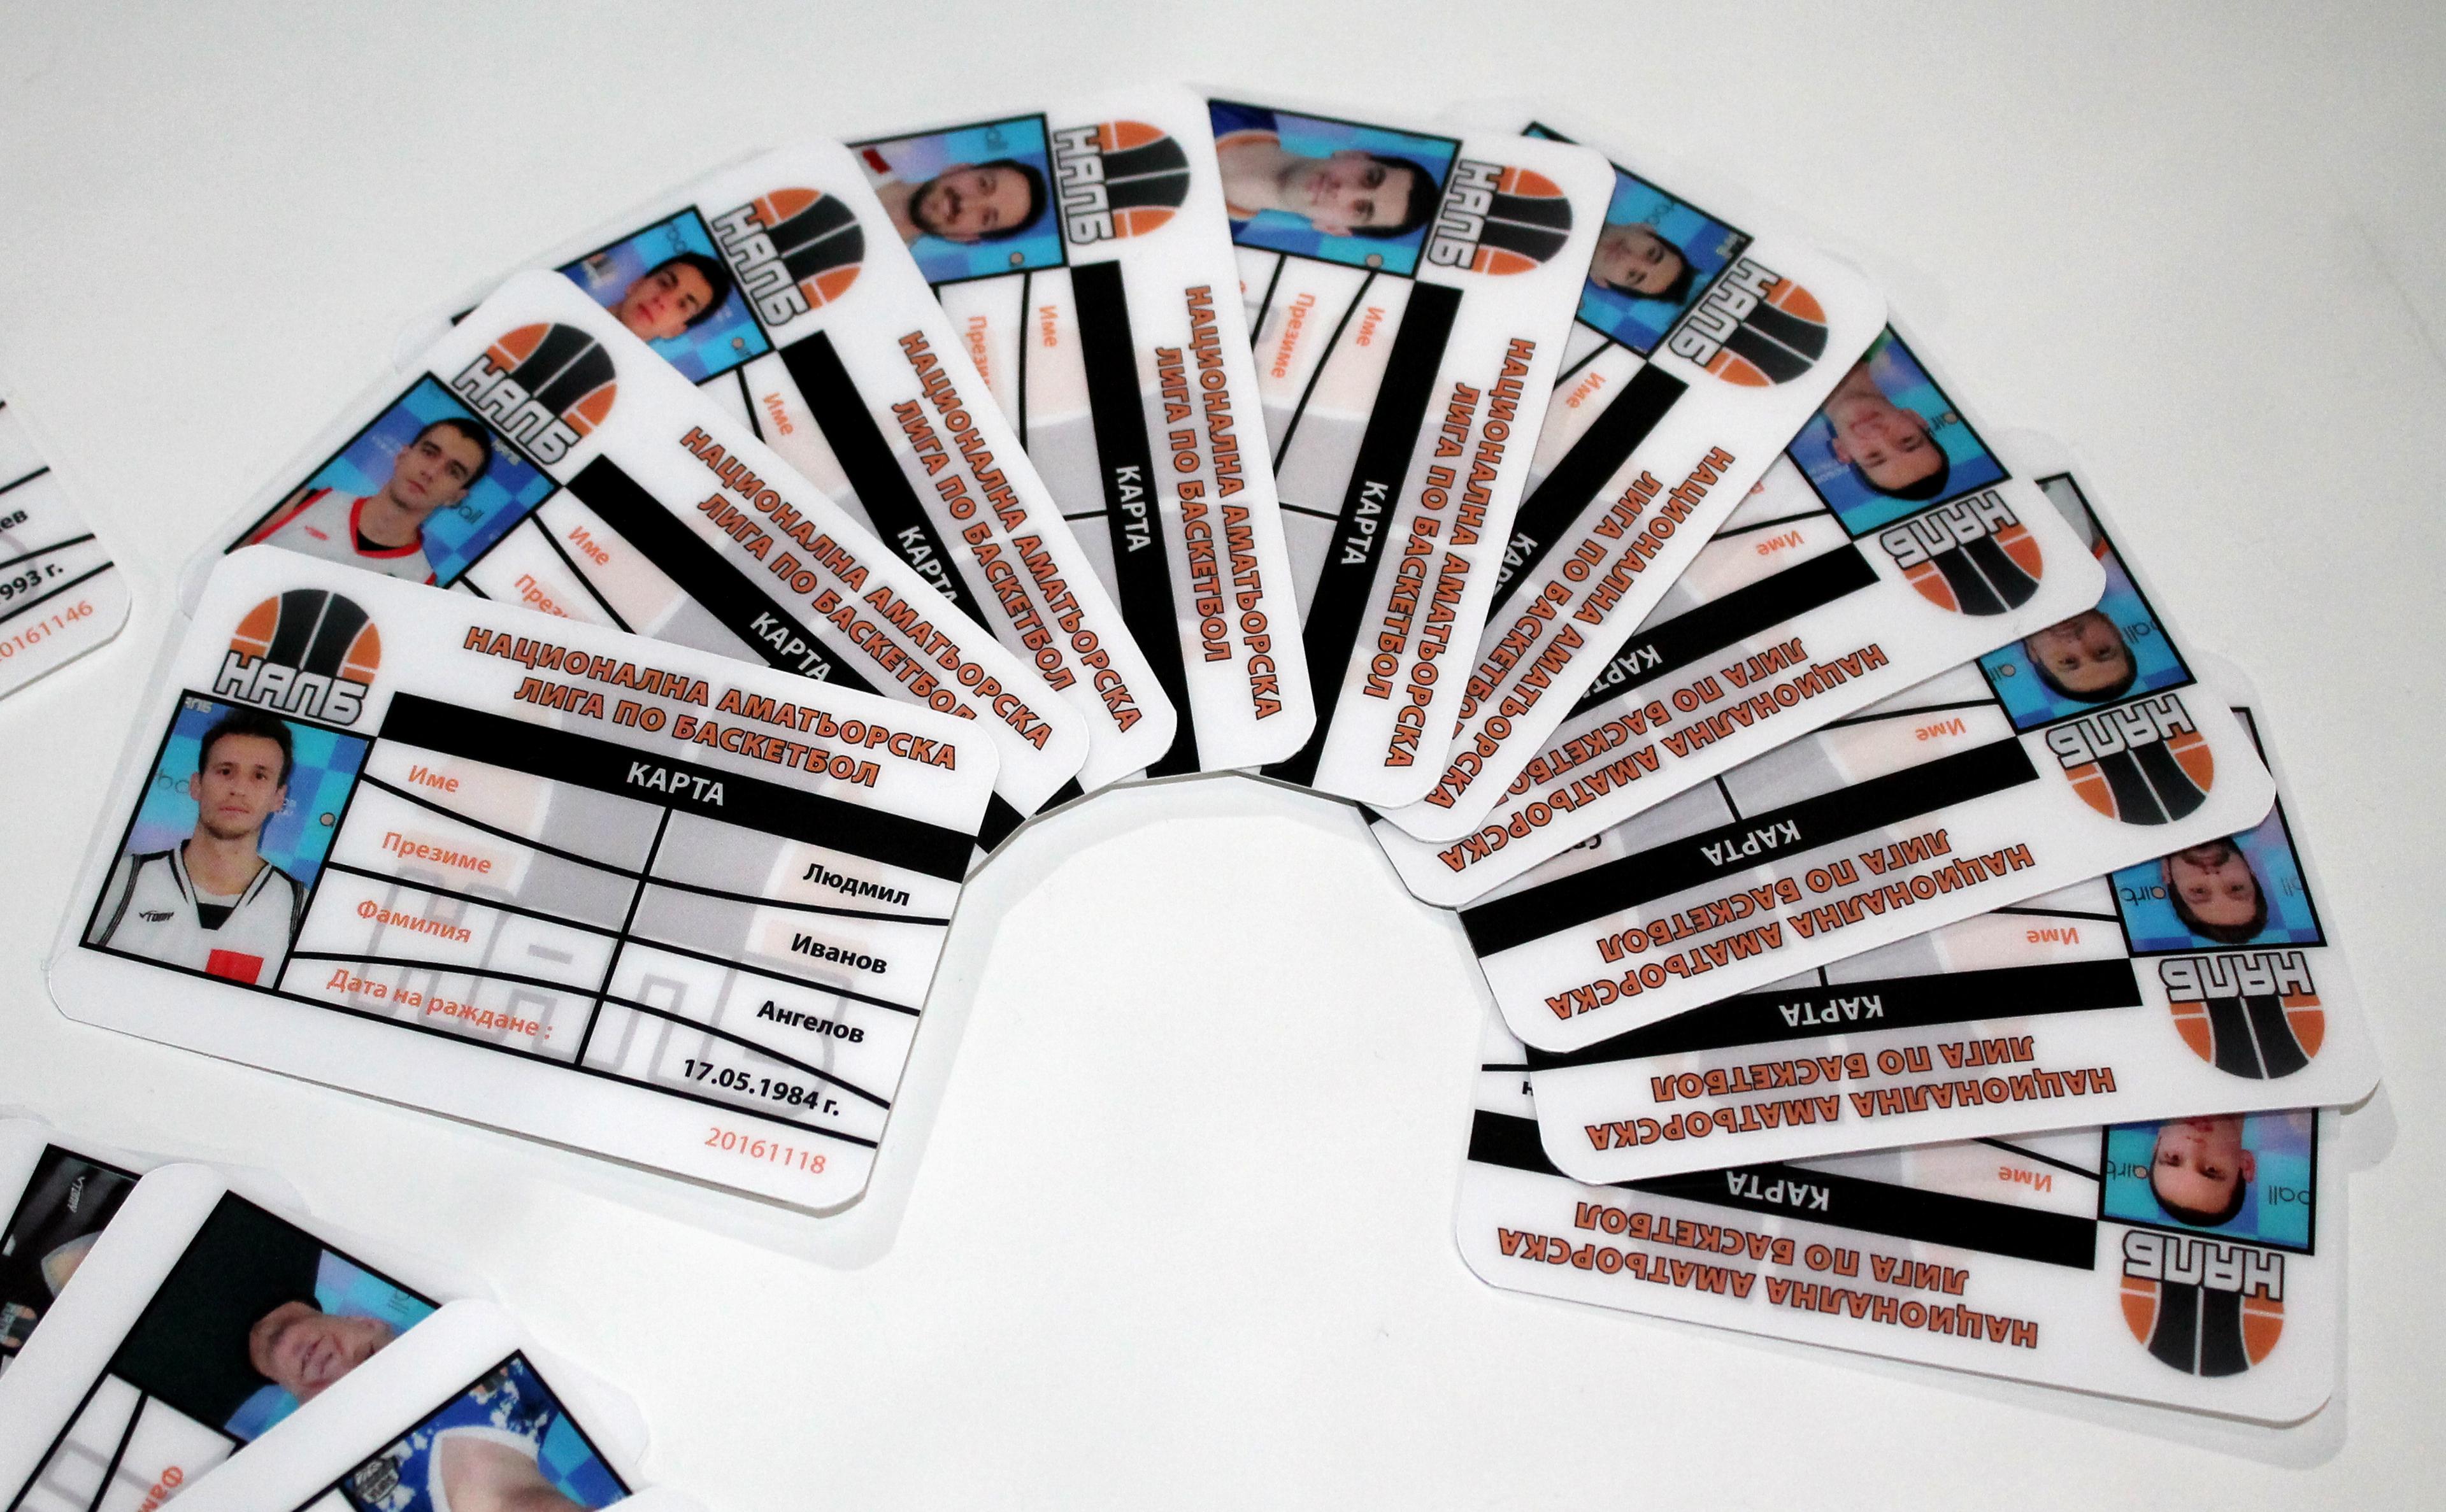 Състезателна карта (всеки картотекиран състезател в НАЛБ получава безплатно такава) - възможността важи само и единствено за състезатели, разполагащи с лицензен номер, при желание за втора или нова карта - 3.00 лева*